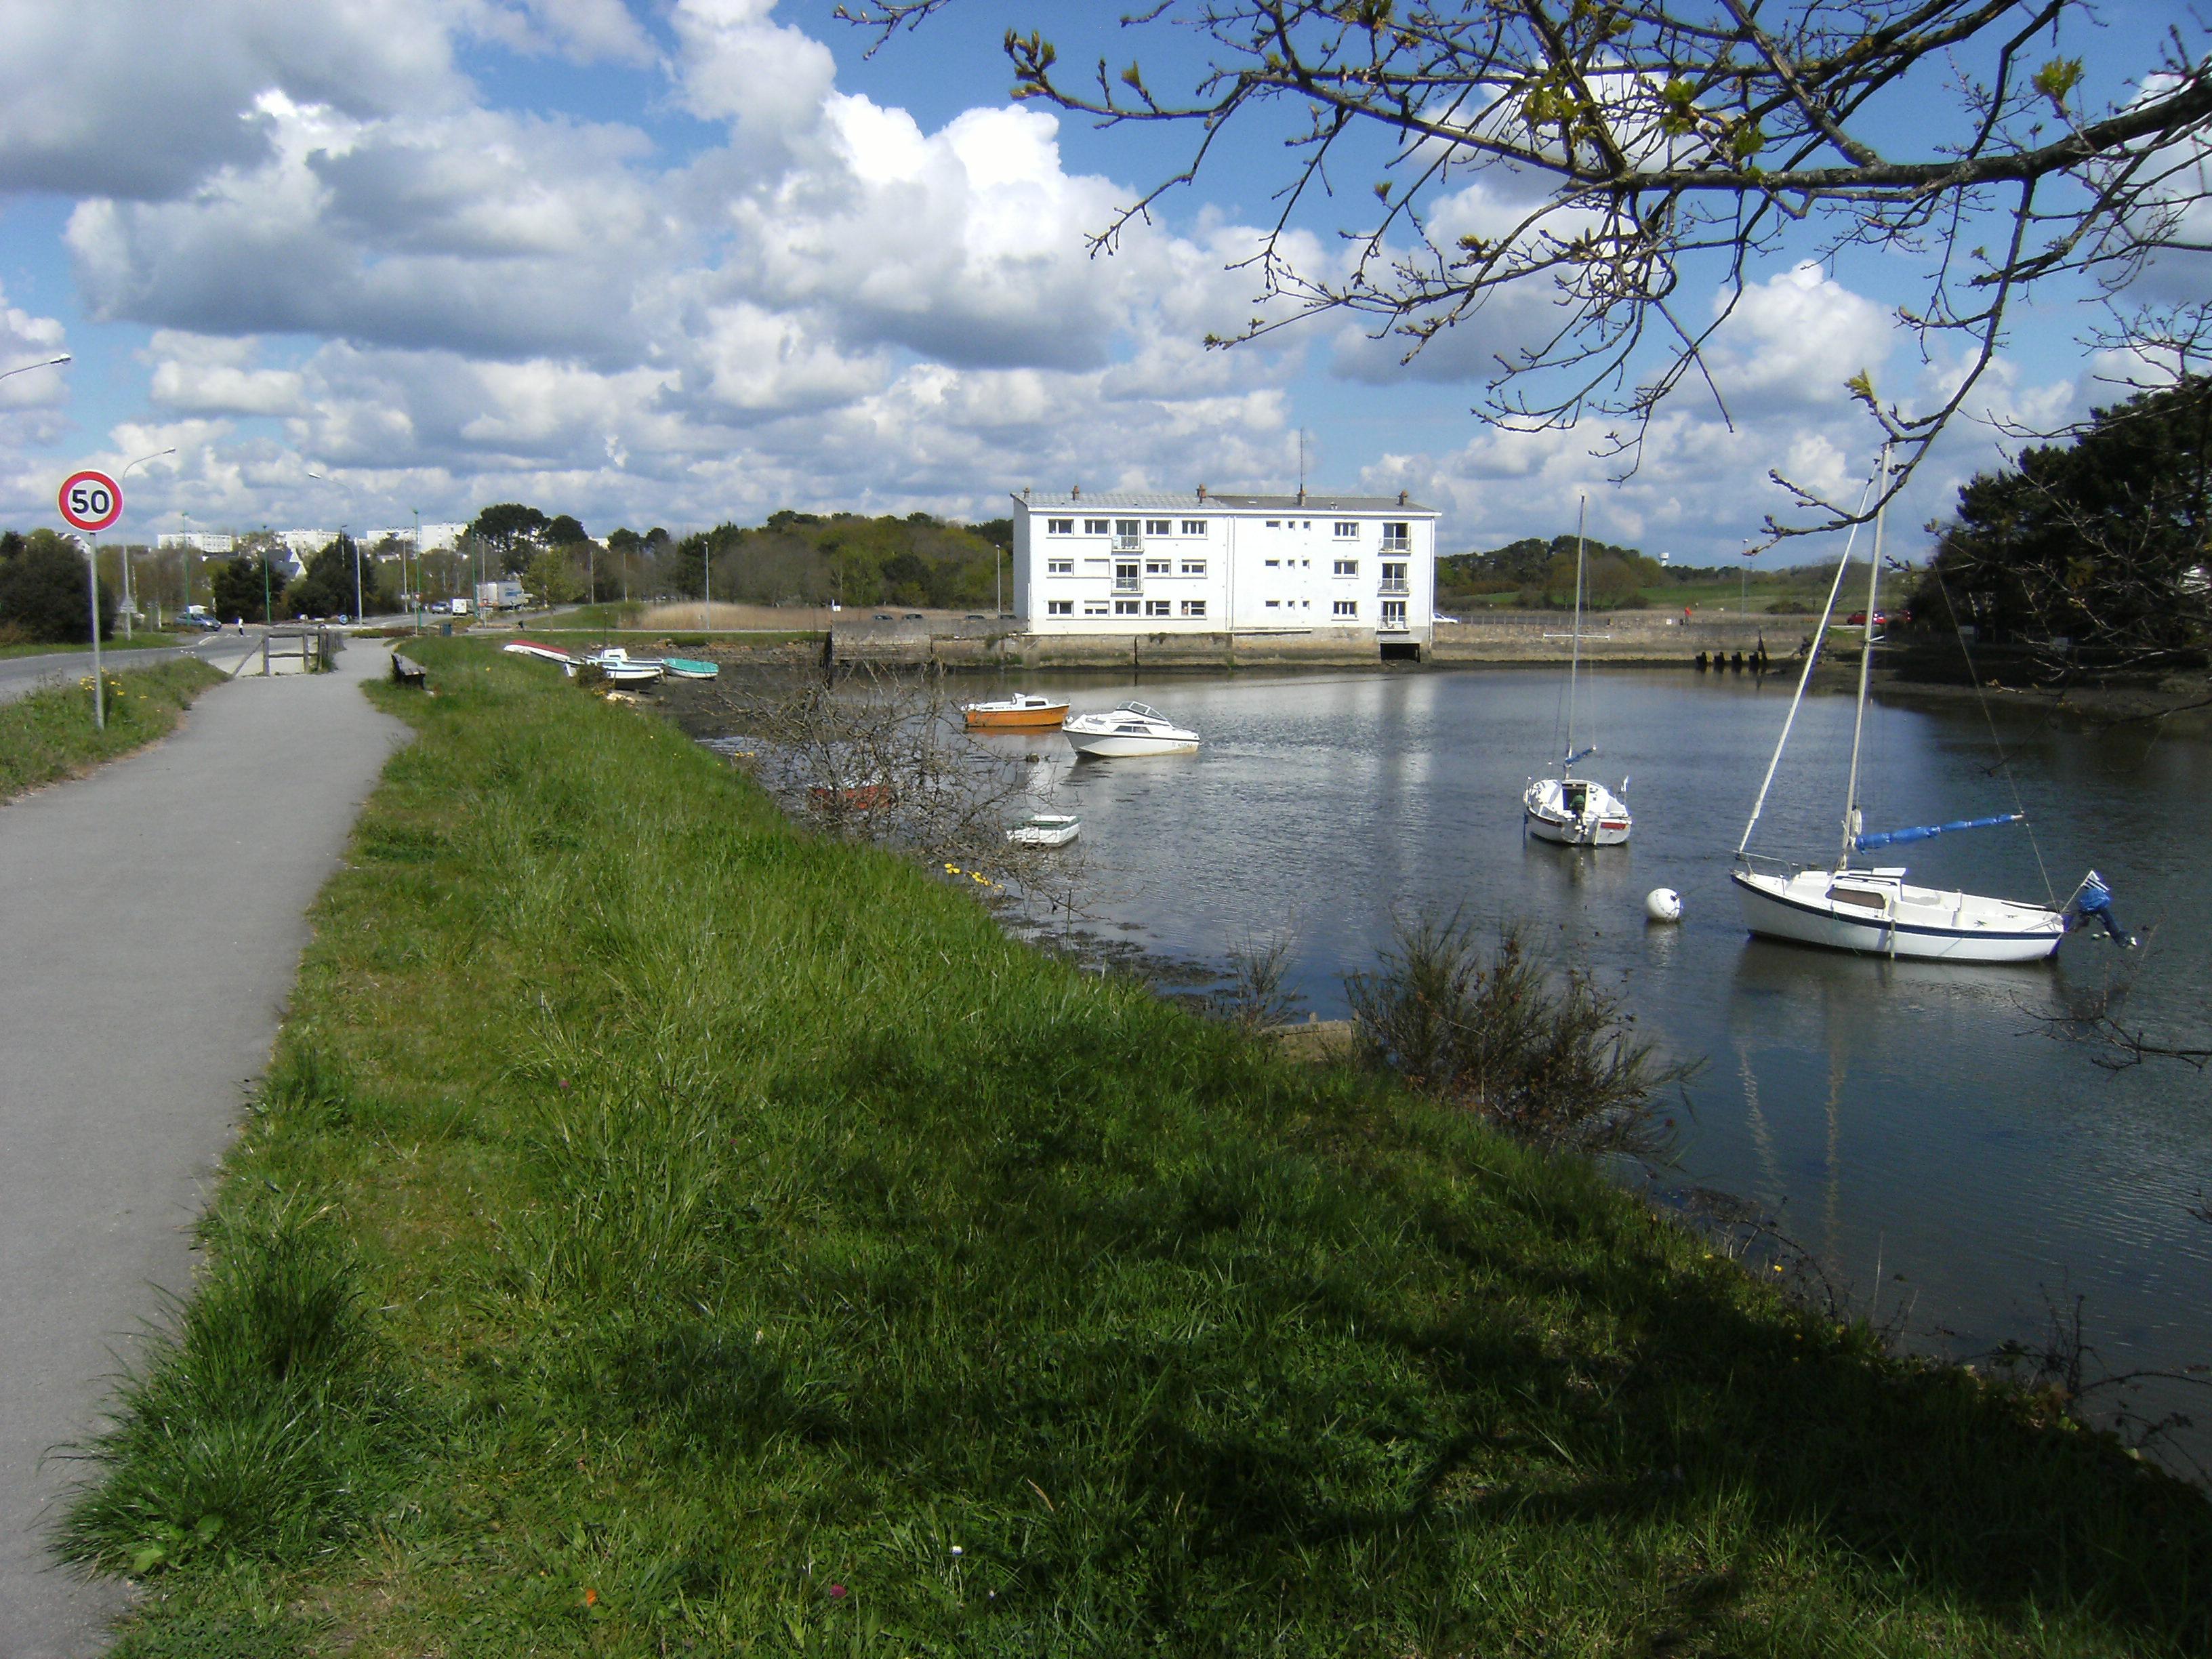 Le circuit longe le Ruisseau du Plessis jusqu'à l'ancien Moulin, mais les coureurs risquent de ne pas avoir le temps d'admirer la vue !